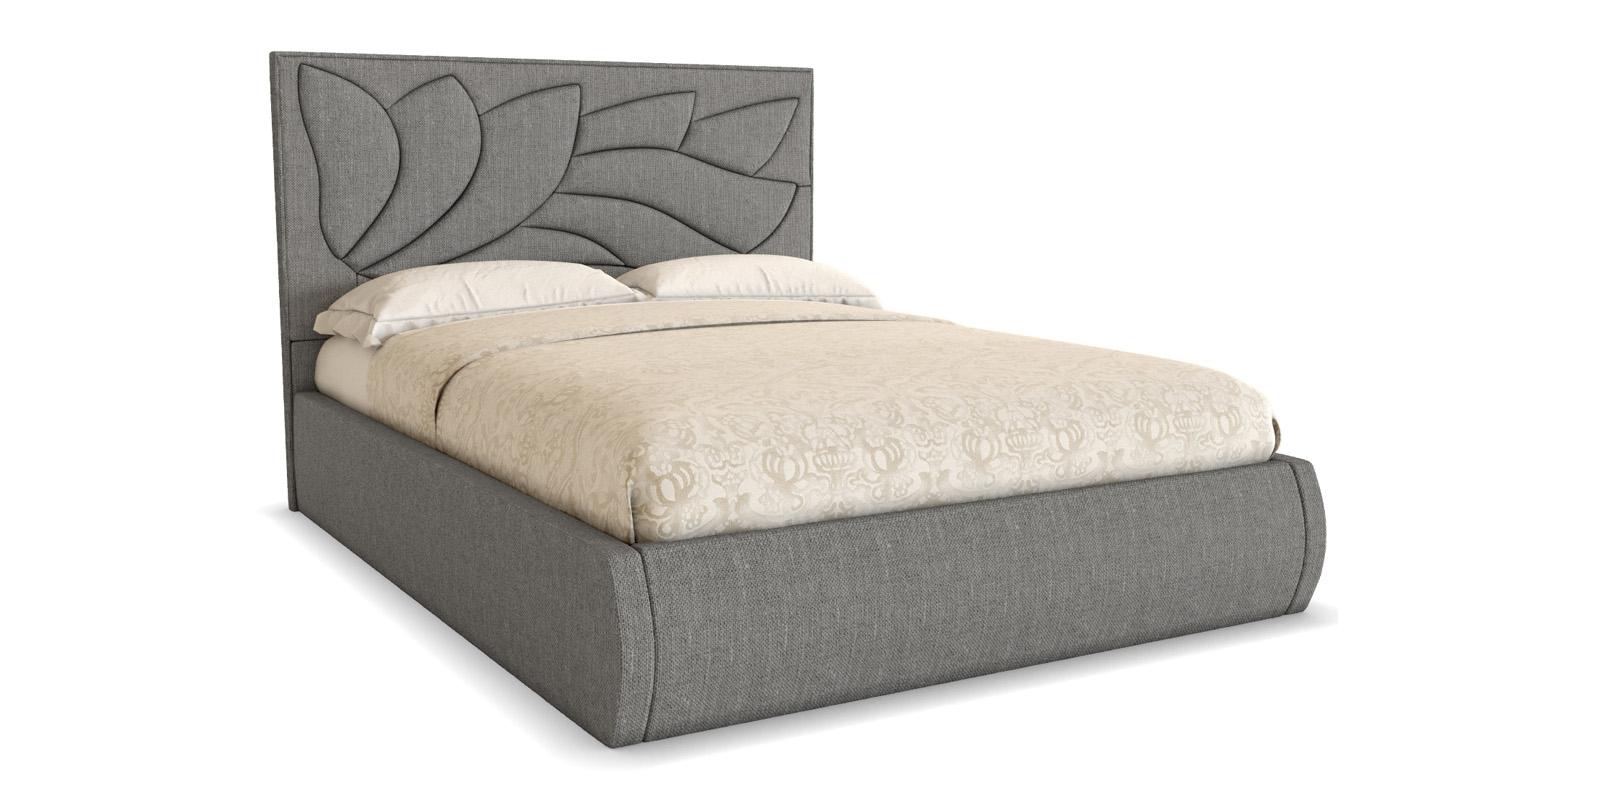 Мягкая кровать 200х140 Диона с ортопедическим основанием (серый)